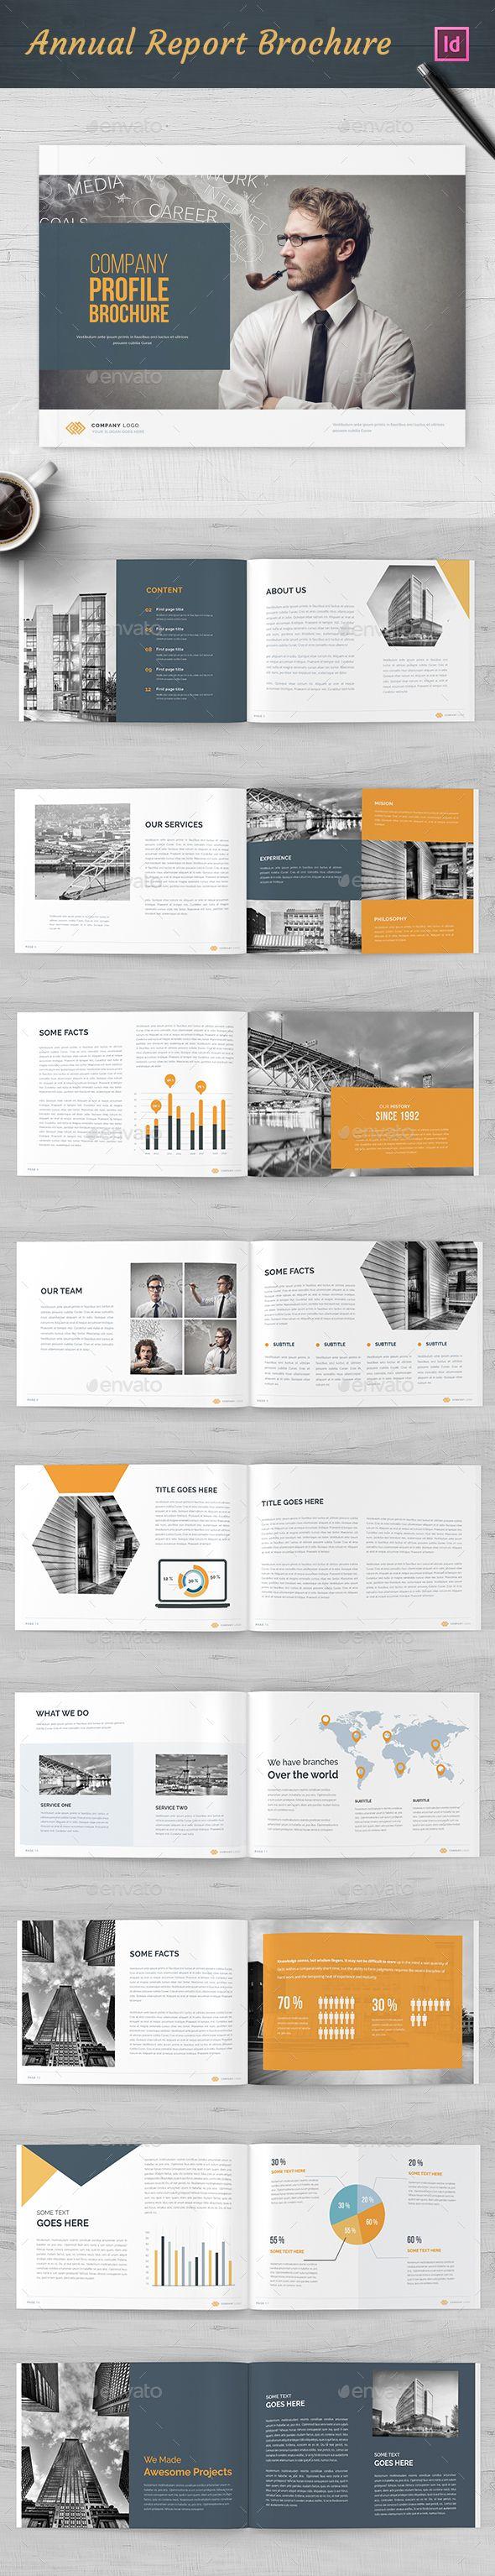 Annual Report | Diseño editorial, Editorial y Papelería